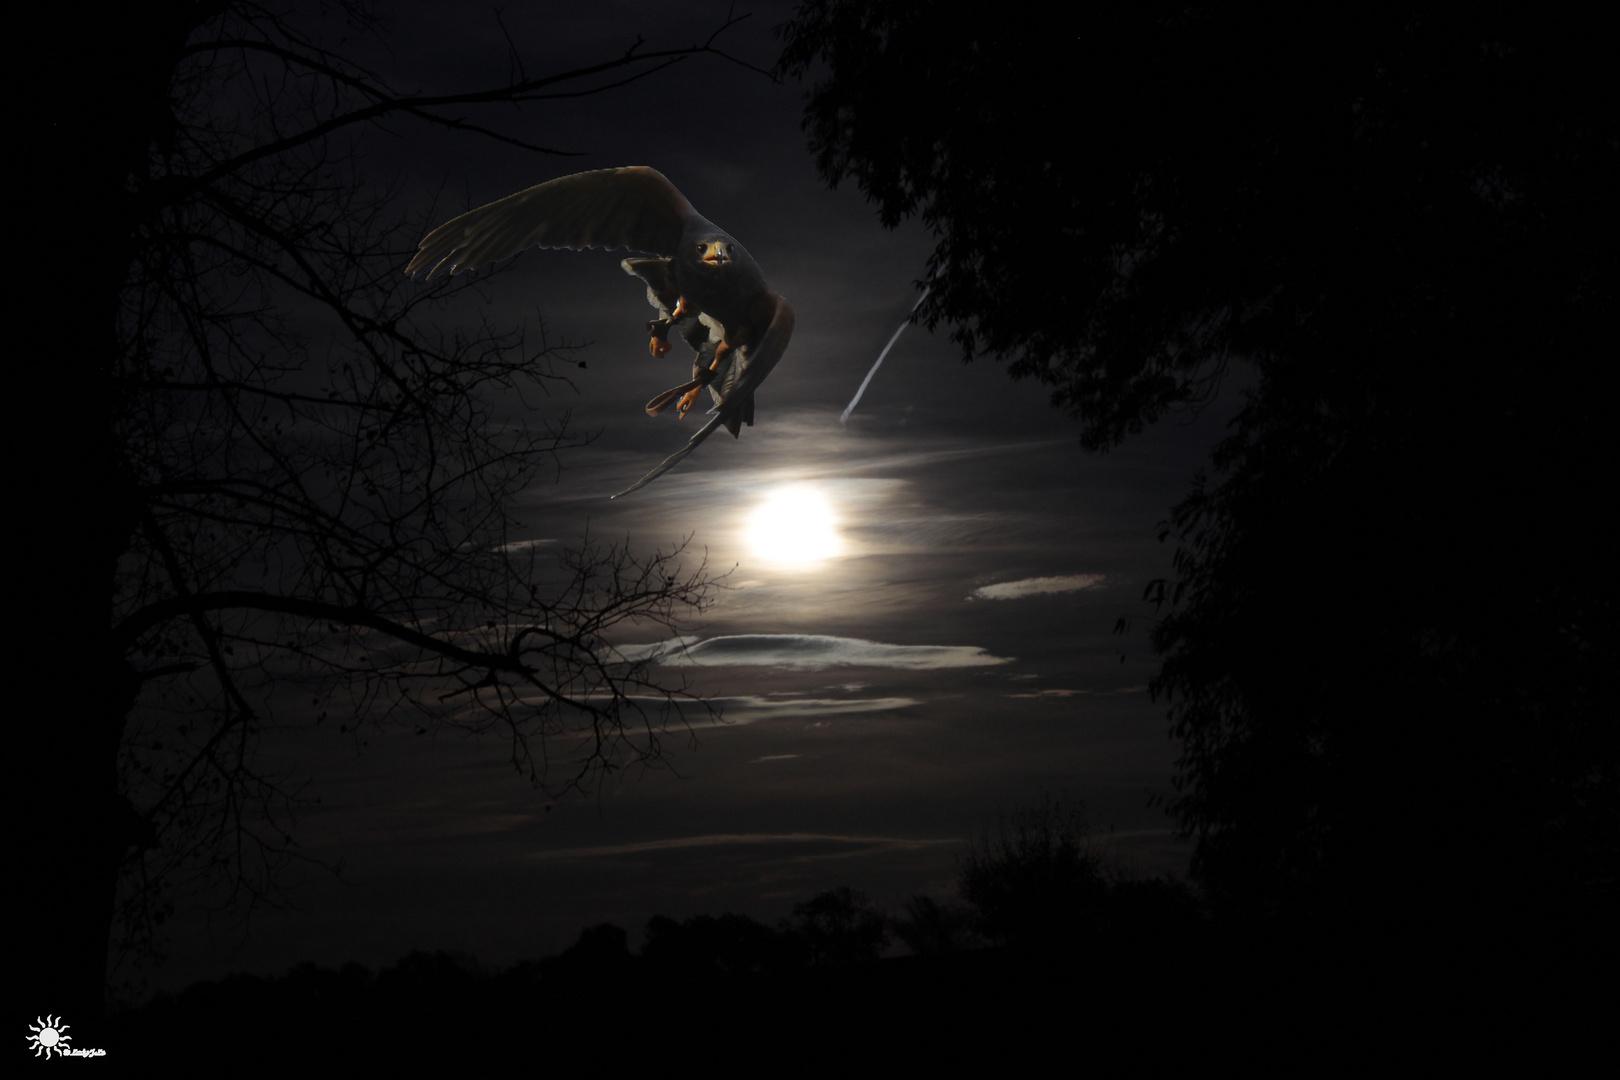 Flug durch die Nacht